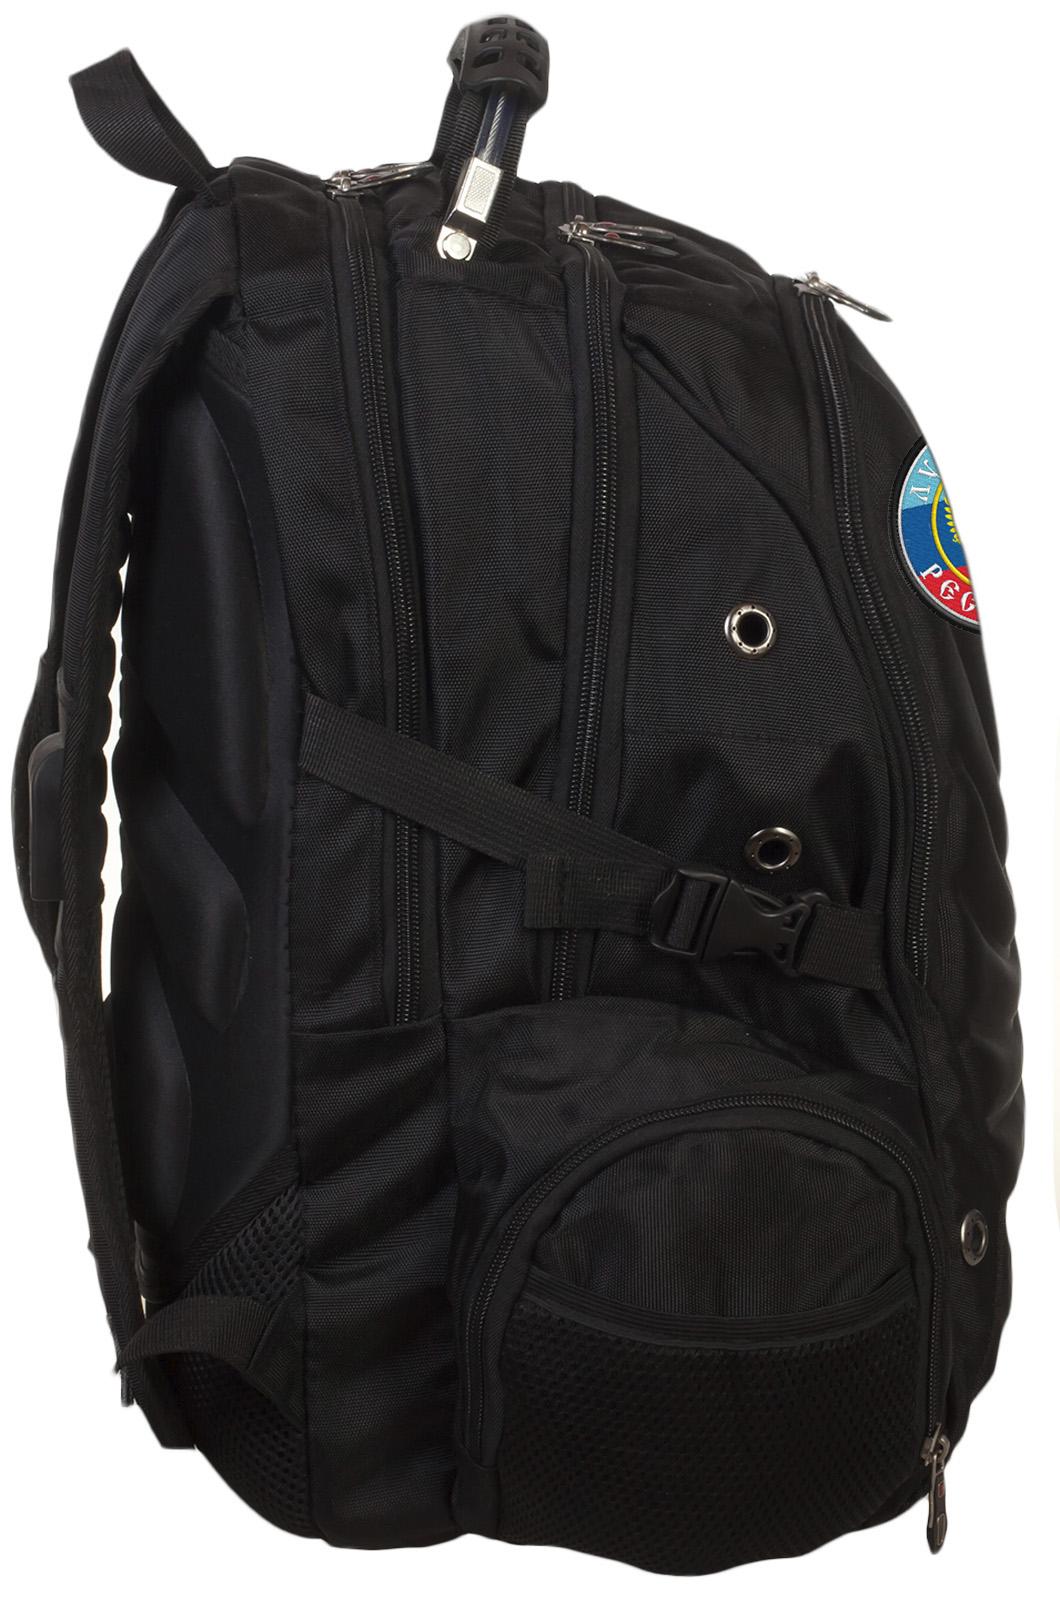 Мужской стильный рюкзак с флагом ЛНР - заказать с доставкой